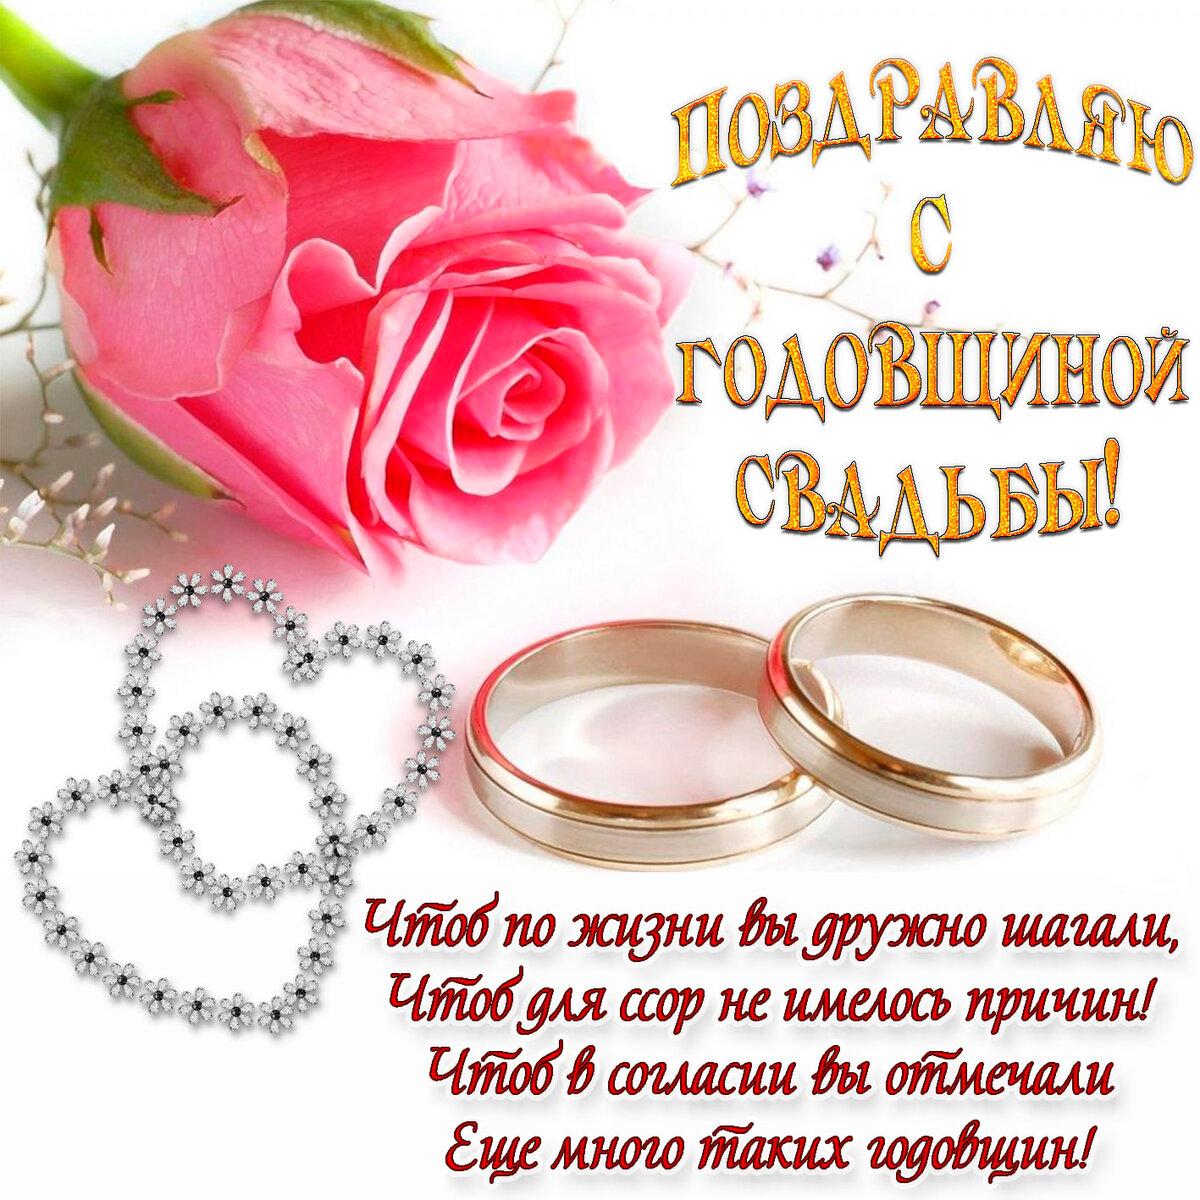 поздравительные открытки с юбилеем свадьбы оборудован